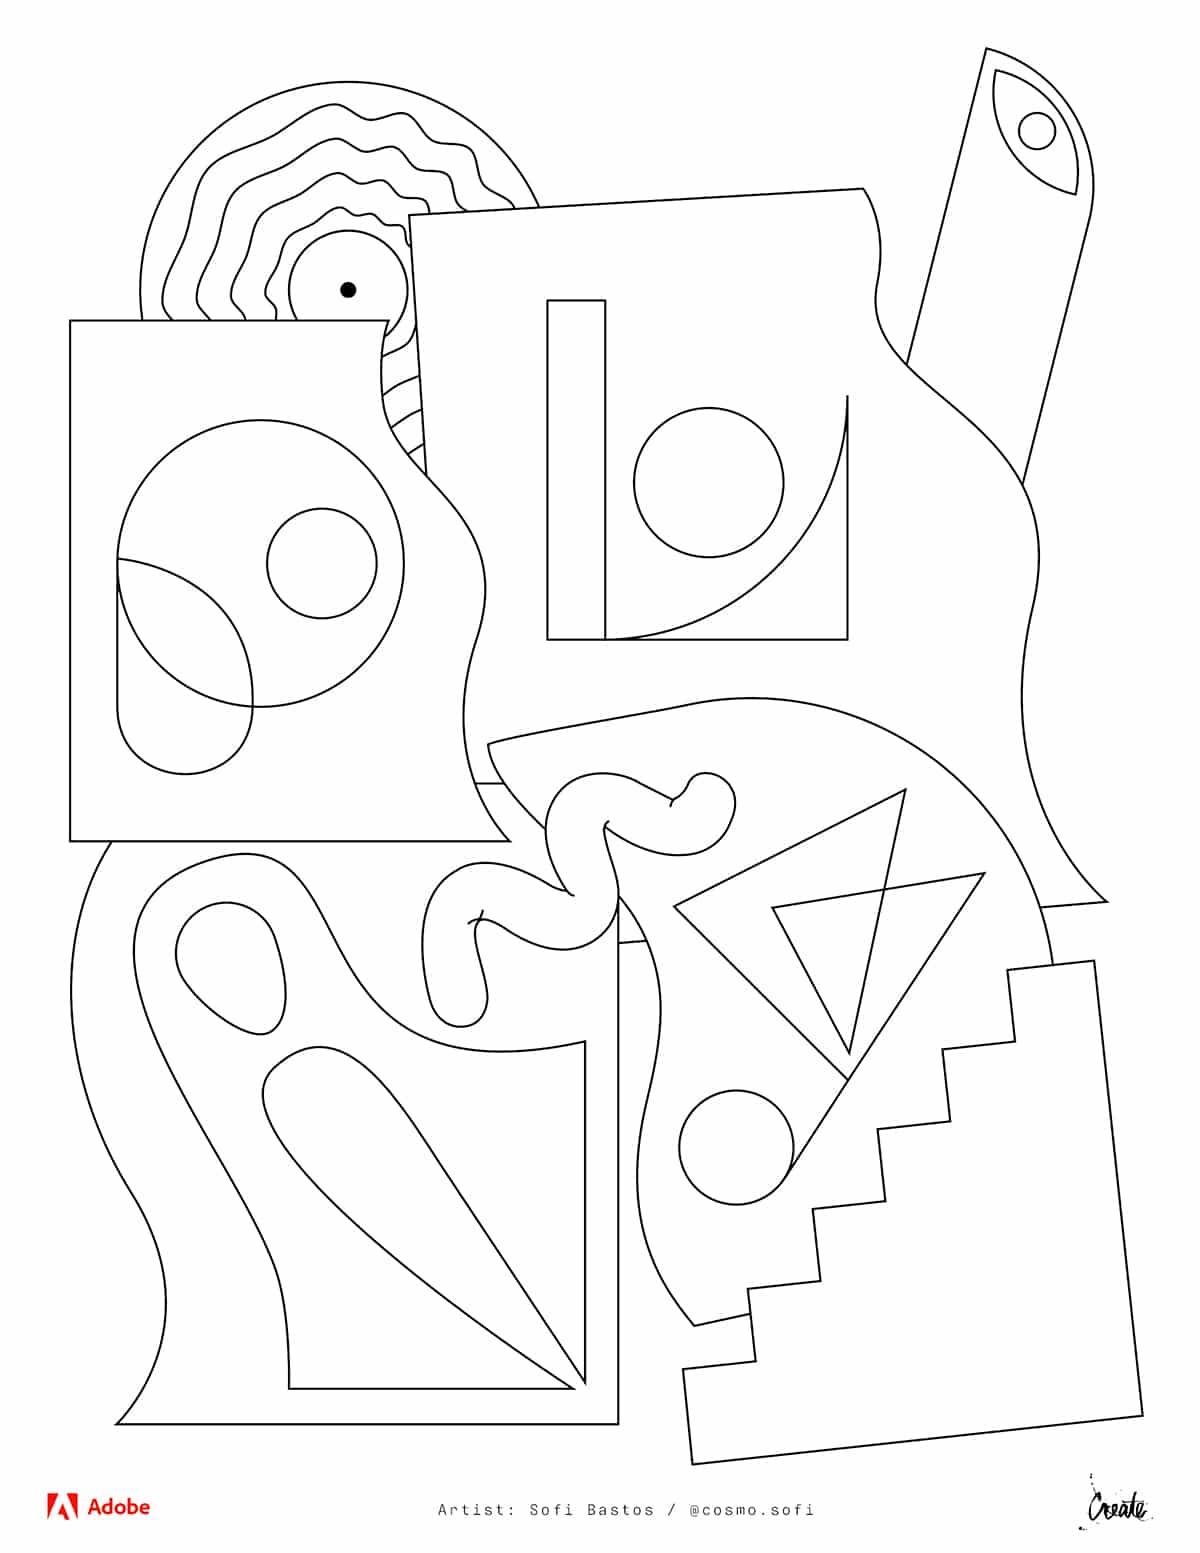 Dibujos para colorear de Adobe